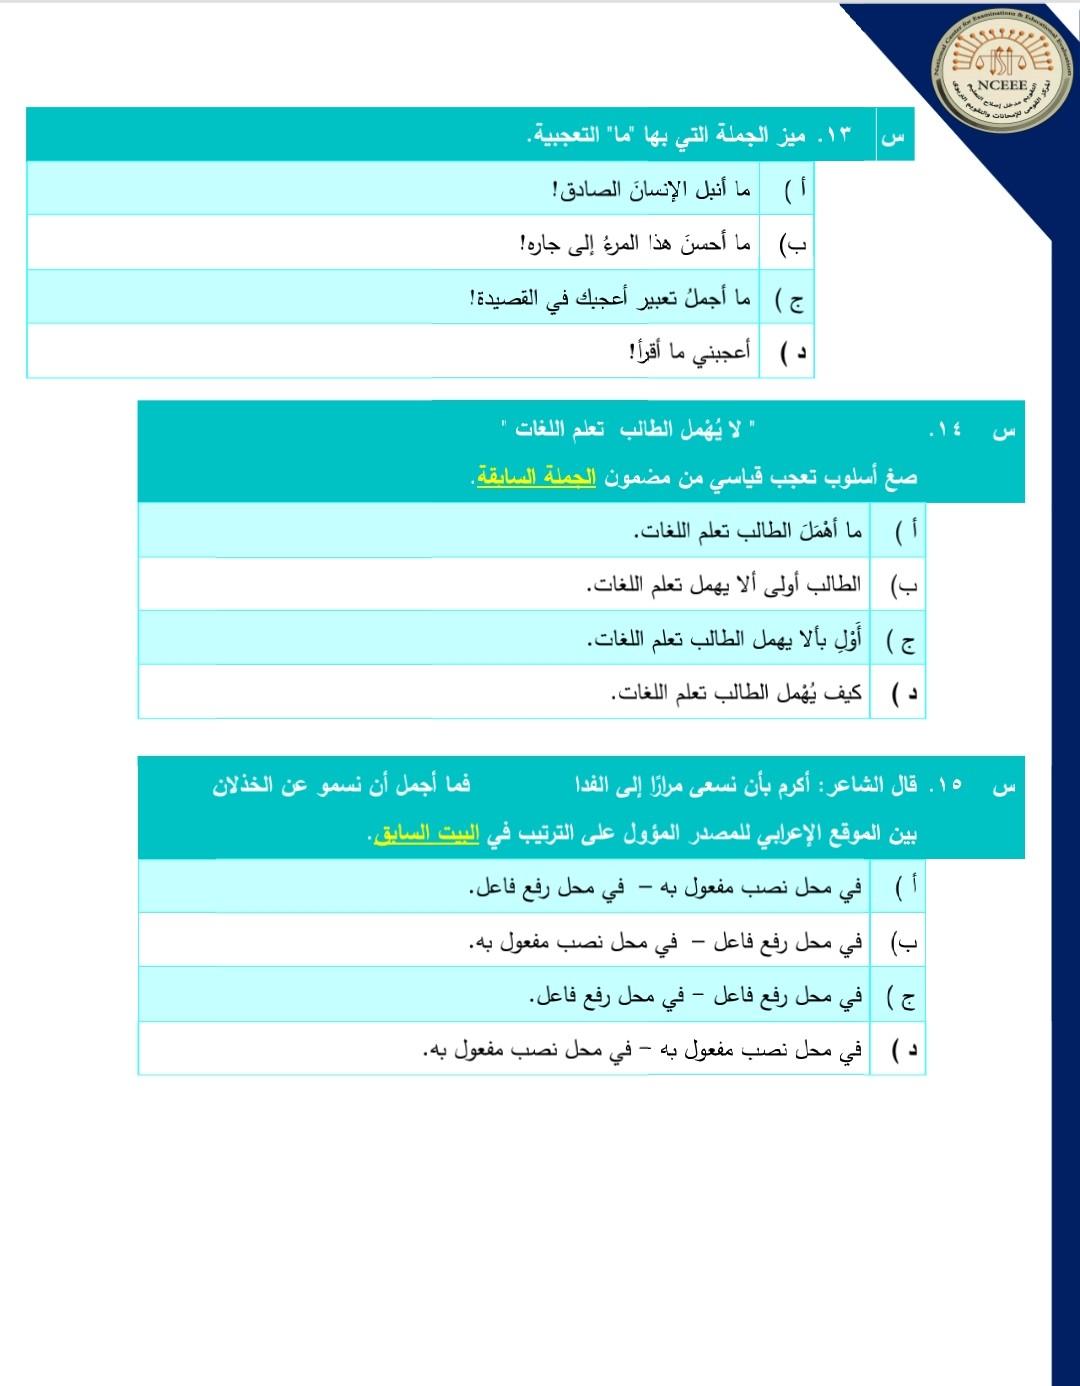 نماذج امتحانات وزارة التربية والتعليم